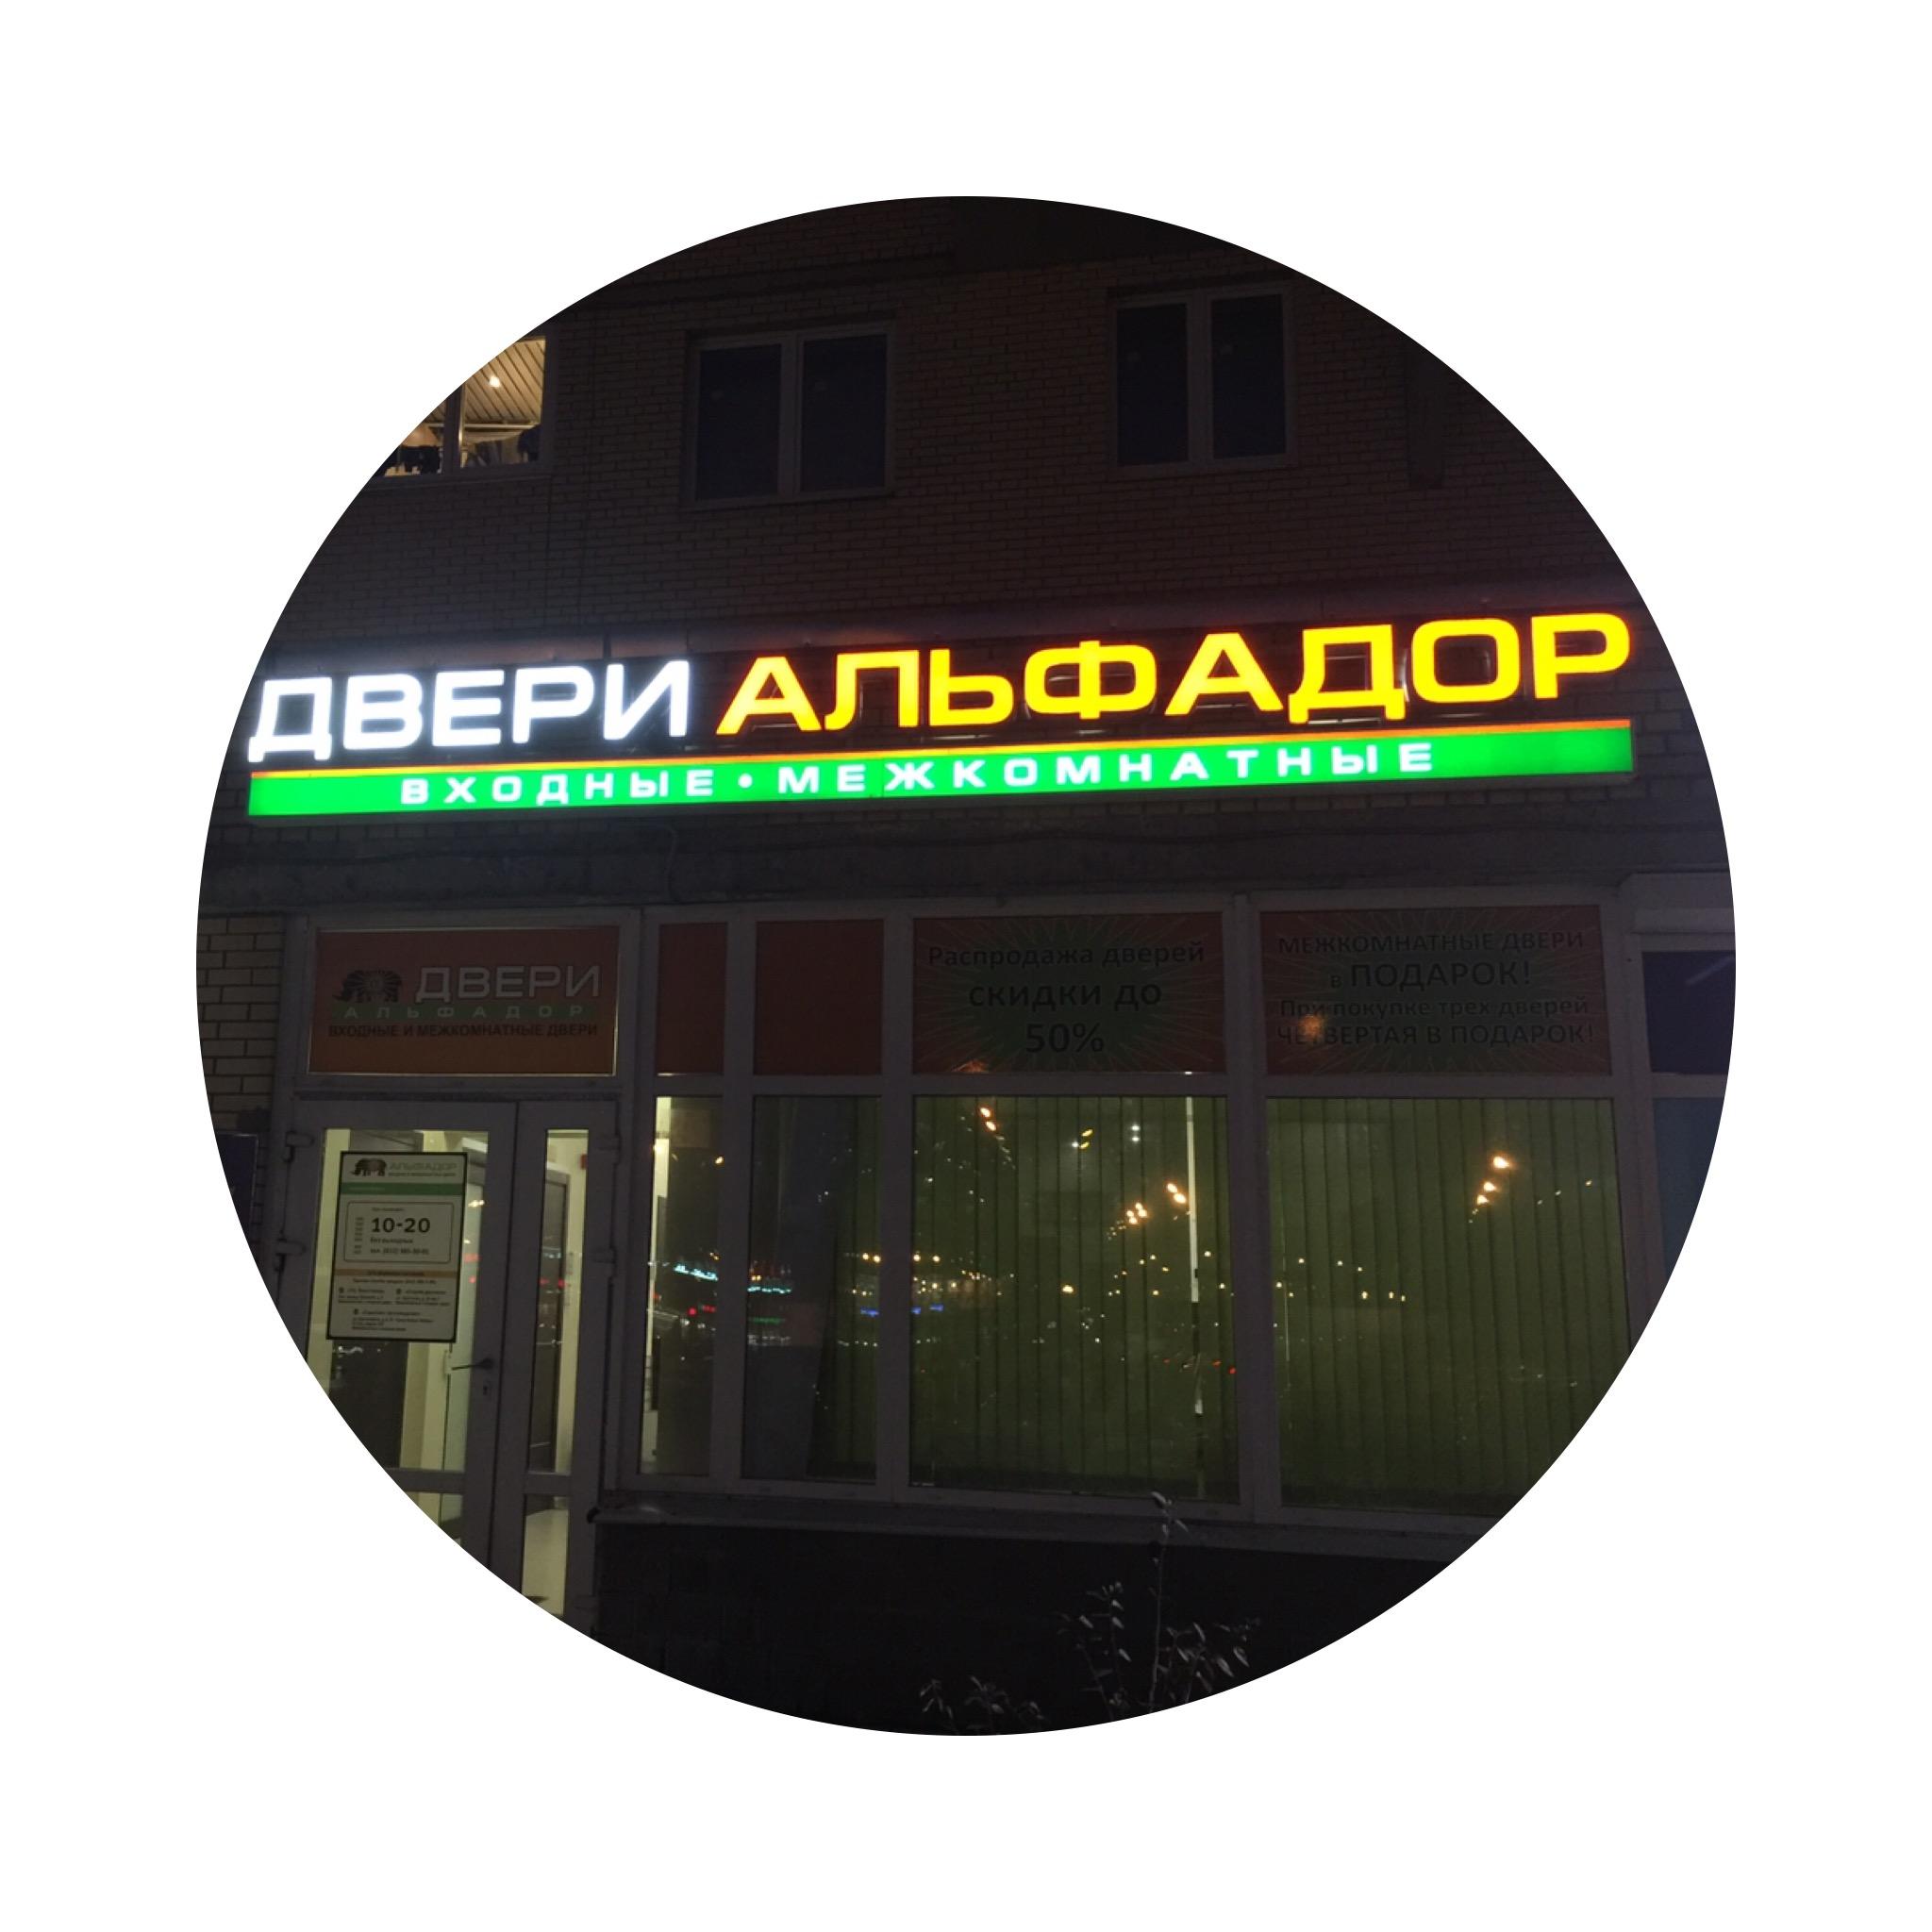 b2c8cc57 Ремонт рекламы - Мега Сервис Санкт-Петербург изготовление монтаж ...